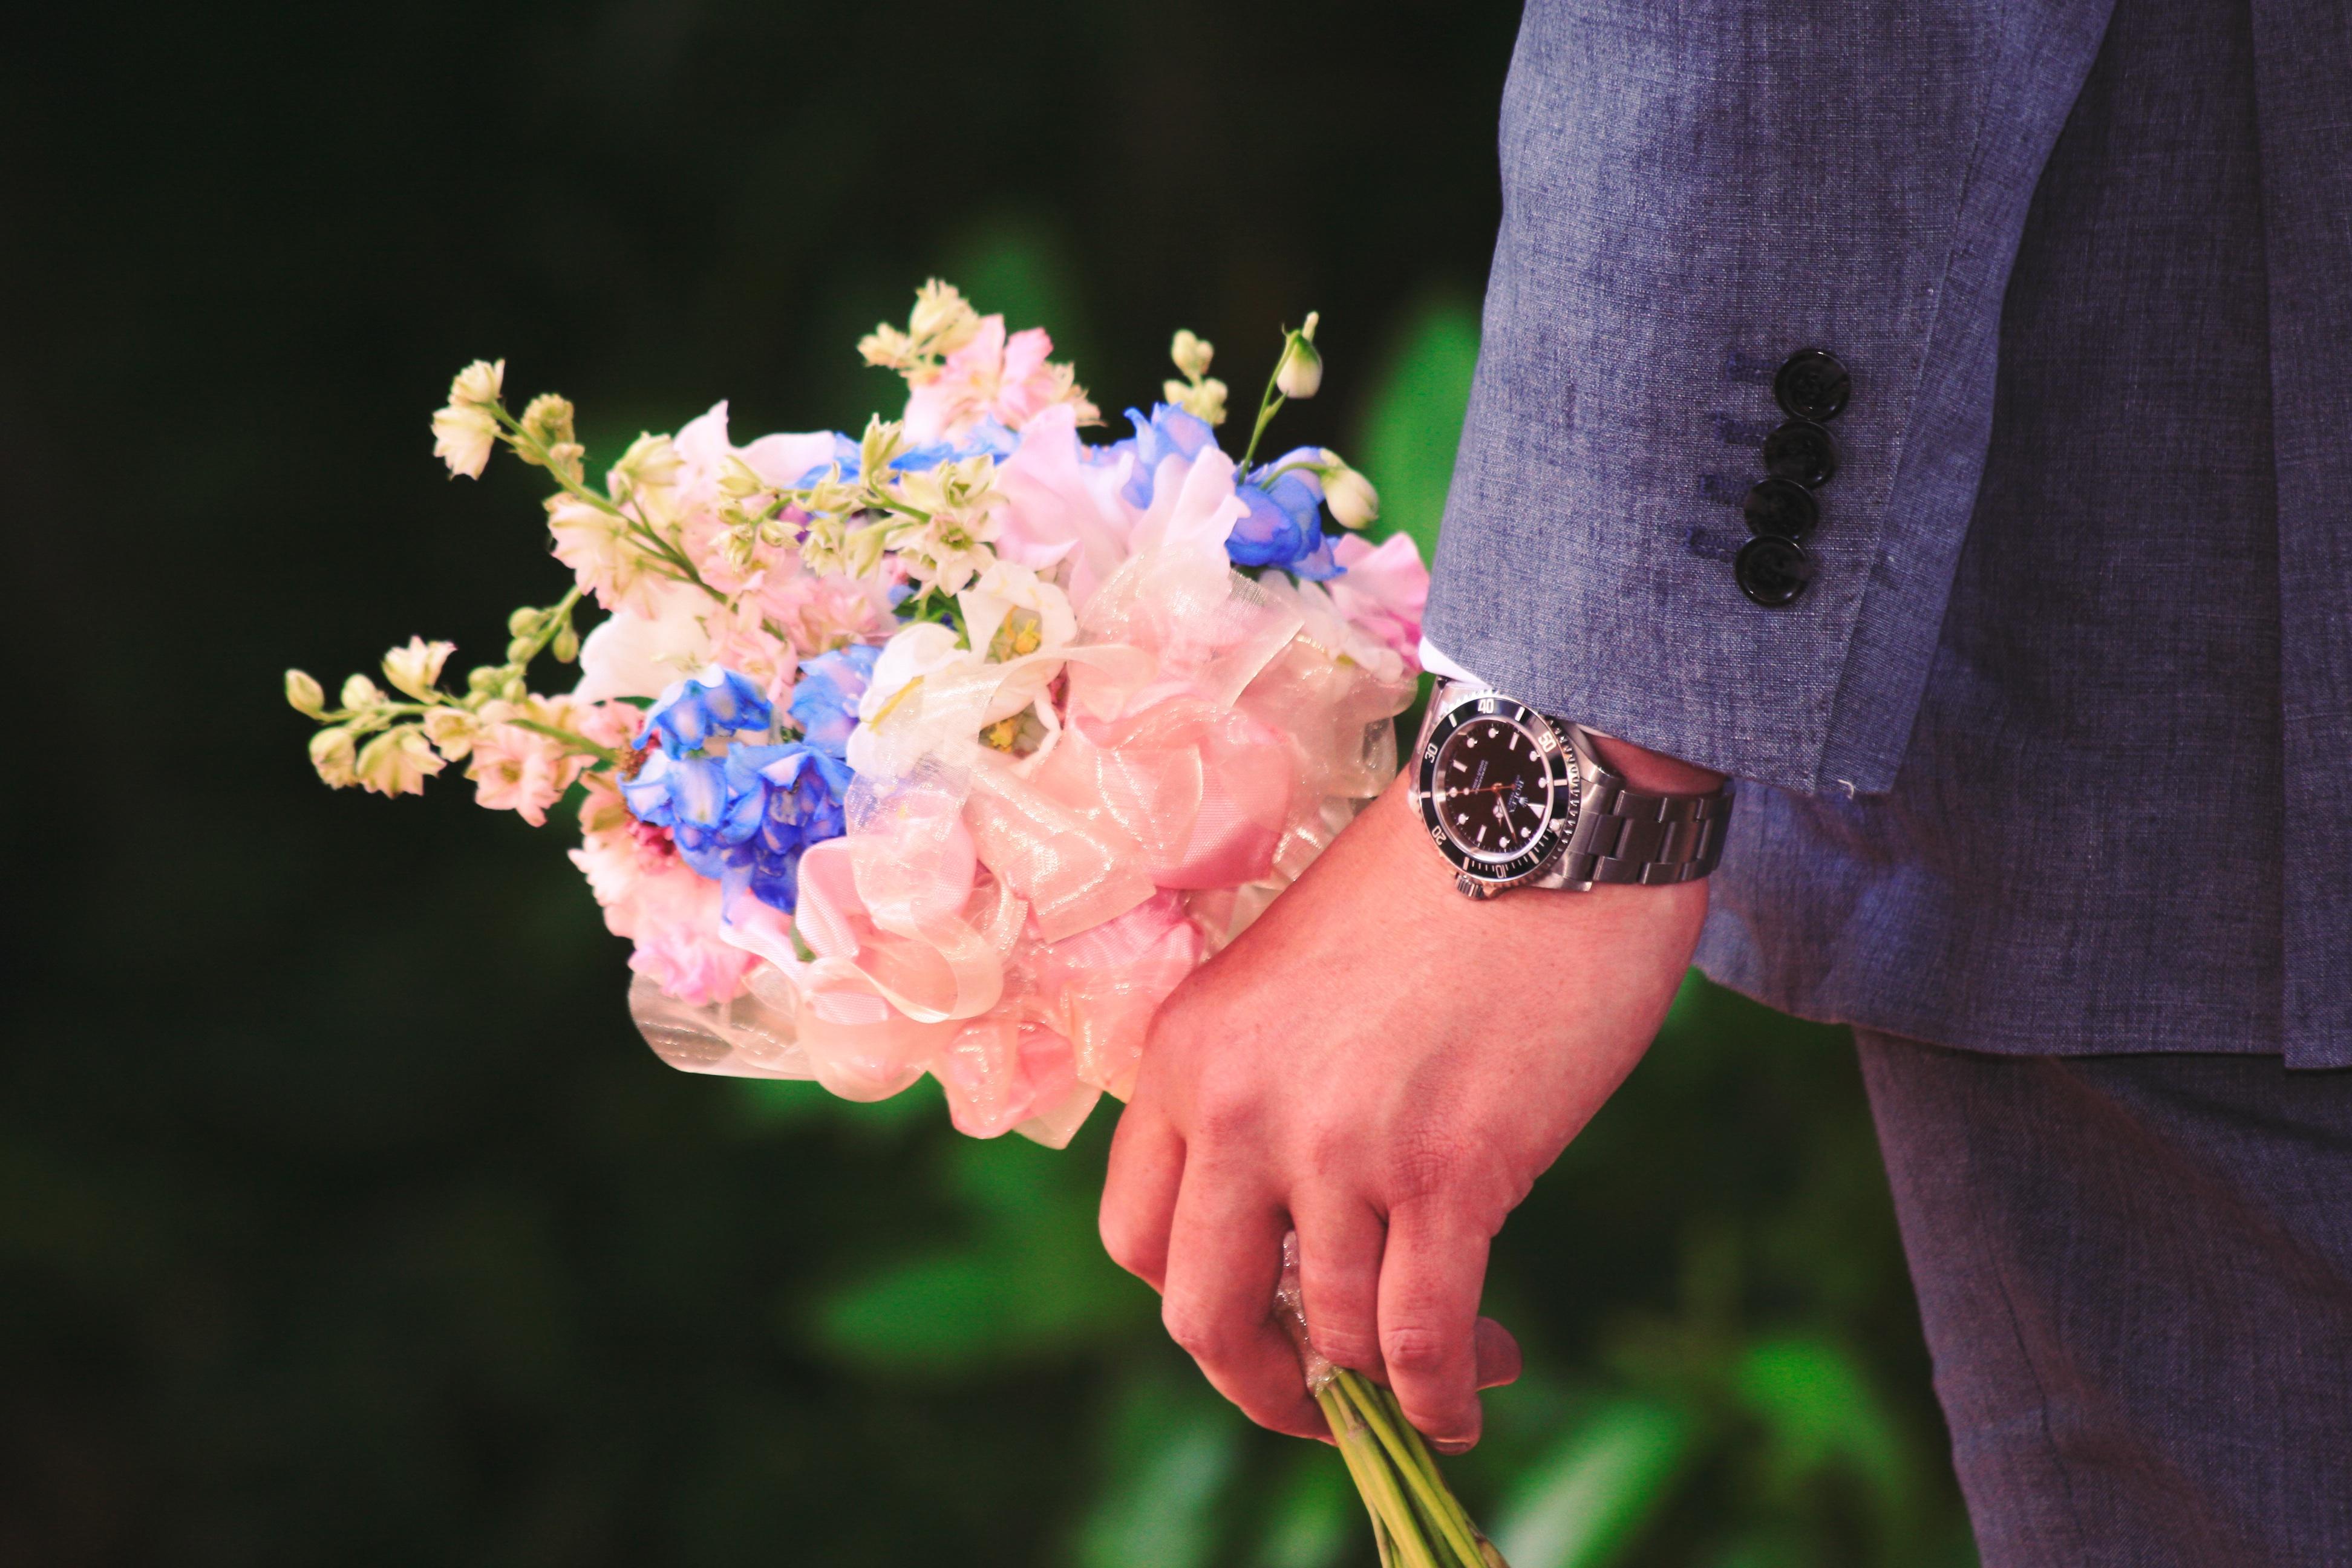 Flori la prima întâlnire. Da sau nu?